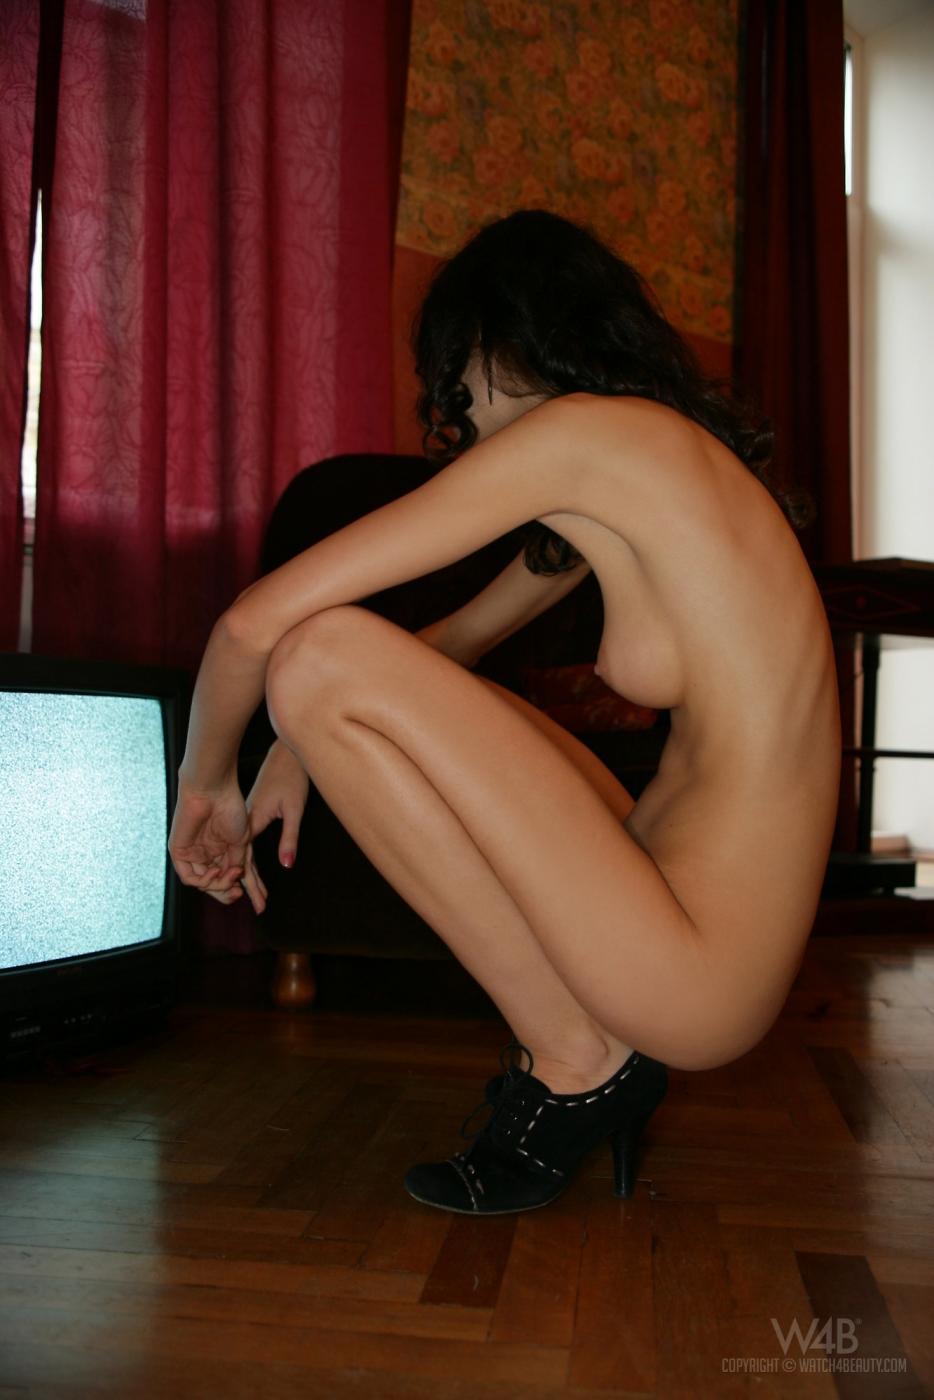 Сексуальная детка Elma Nubiles желает демонстрировать свою невероятно похотливую щелку